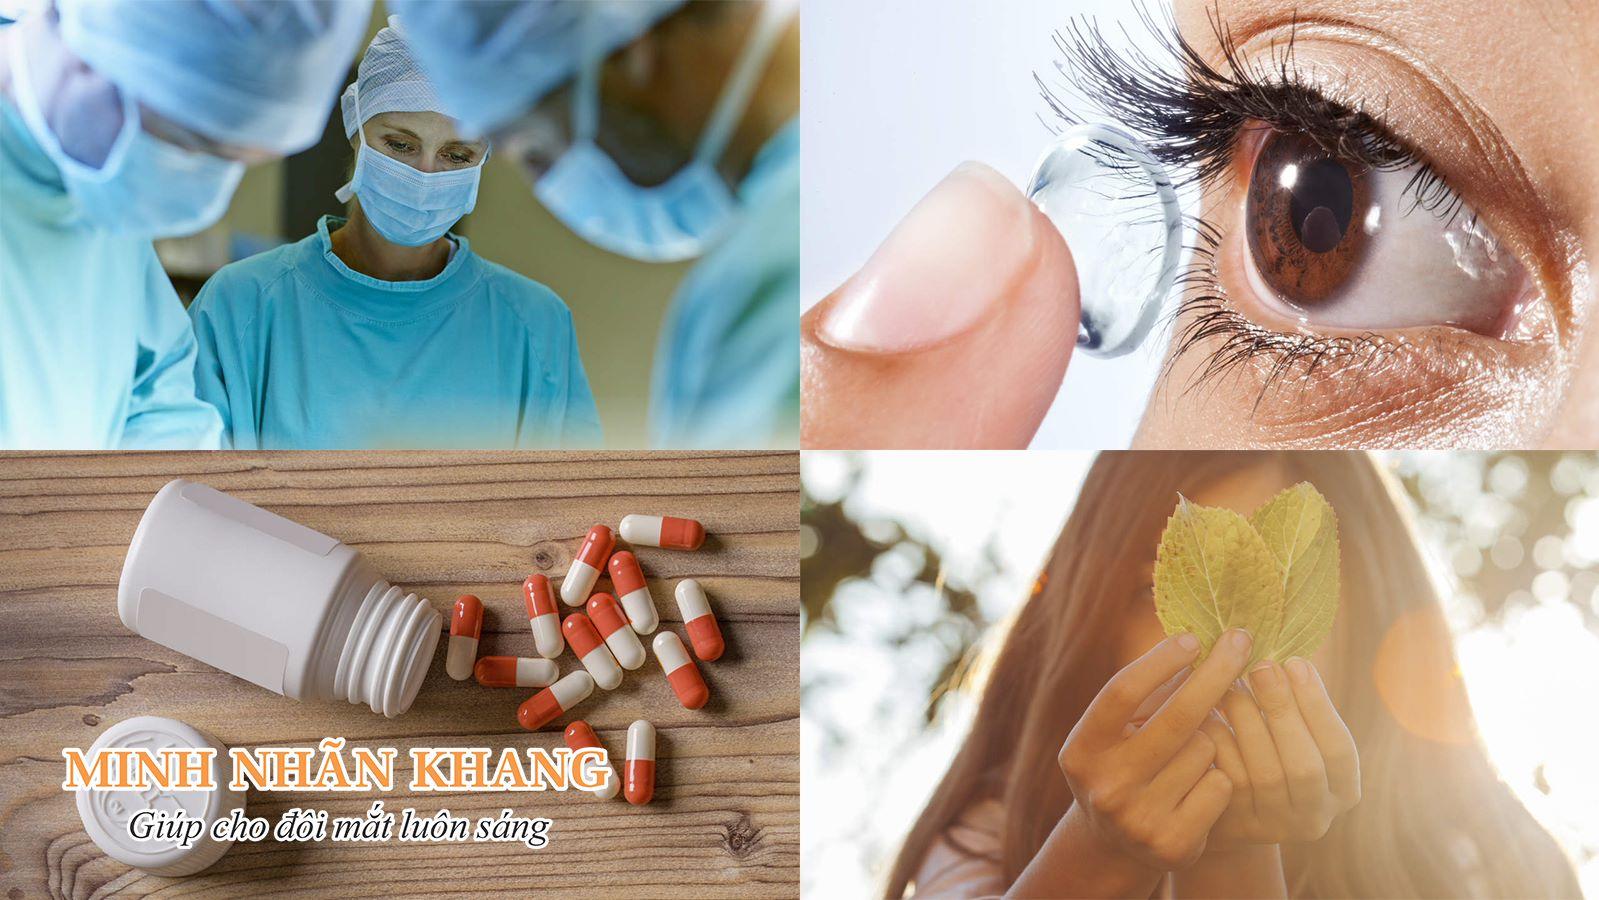 Các nguyên nhân gây khô mắt thường gặp ở mọi độ tuổi